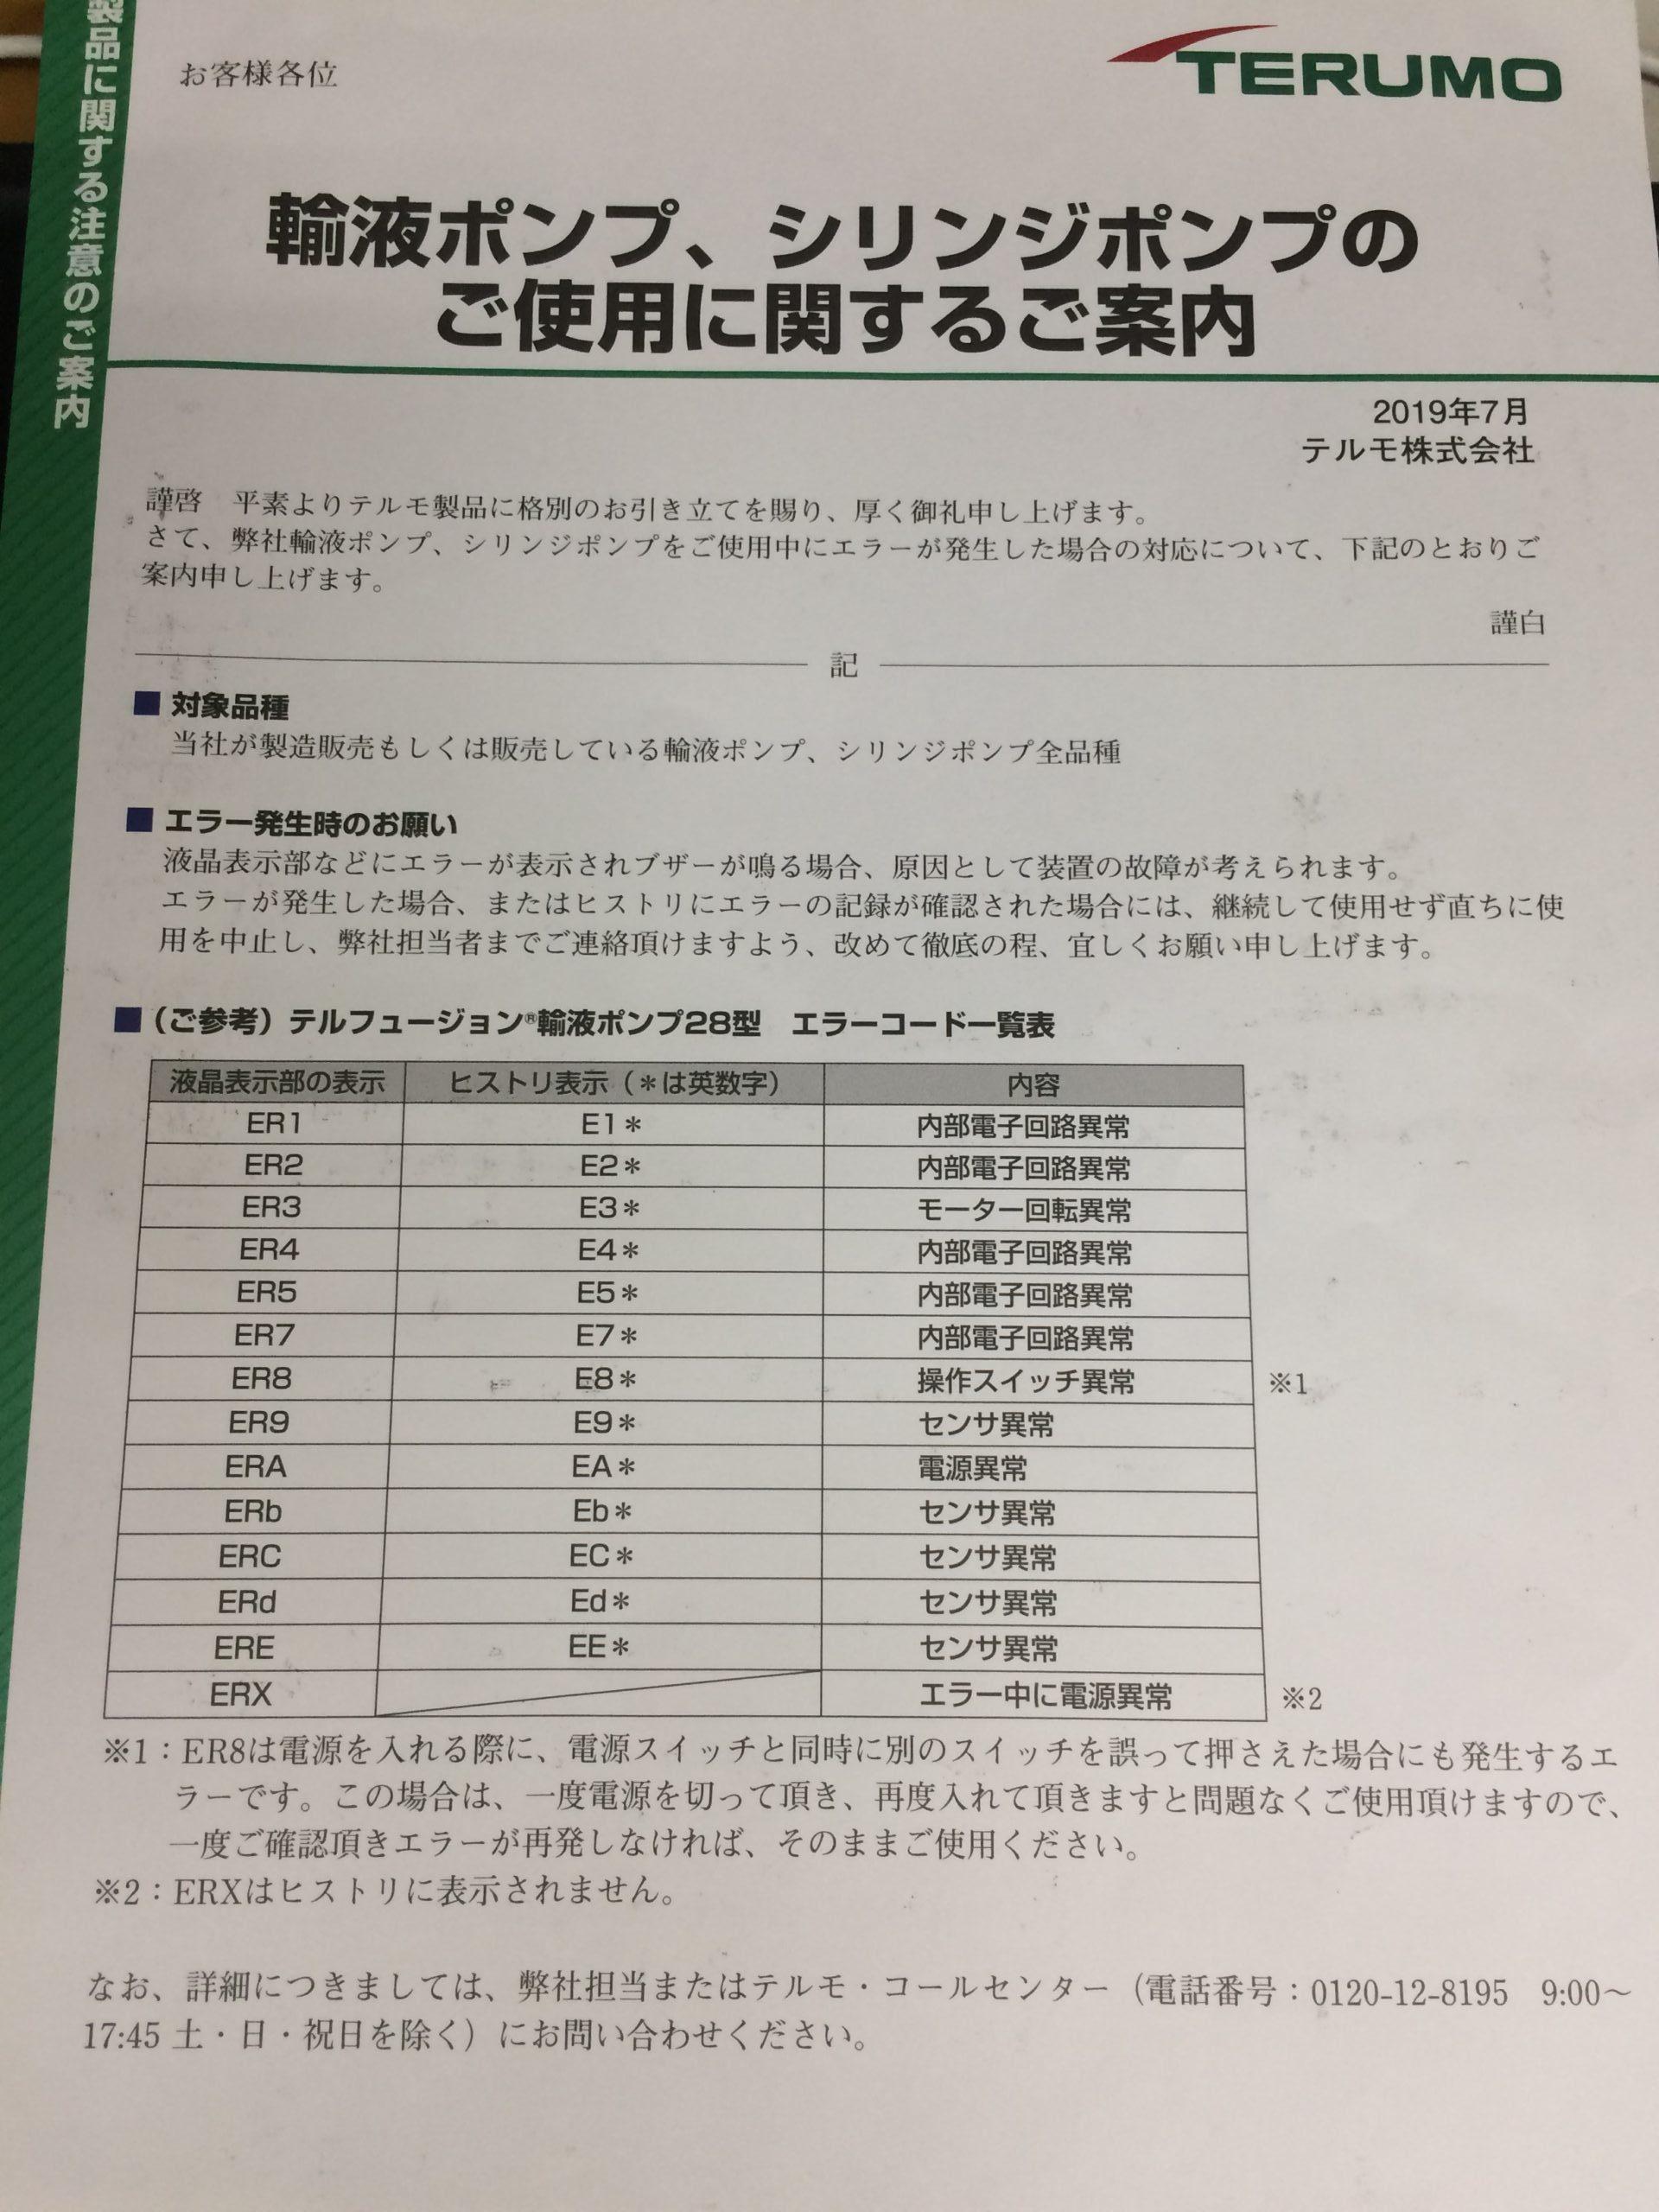 輸液ポンプ、シリンジポンプのエラーコードに対する対応